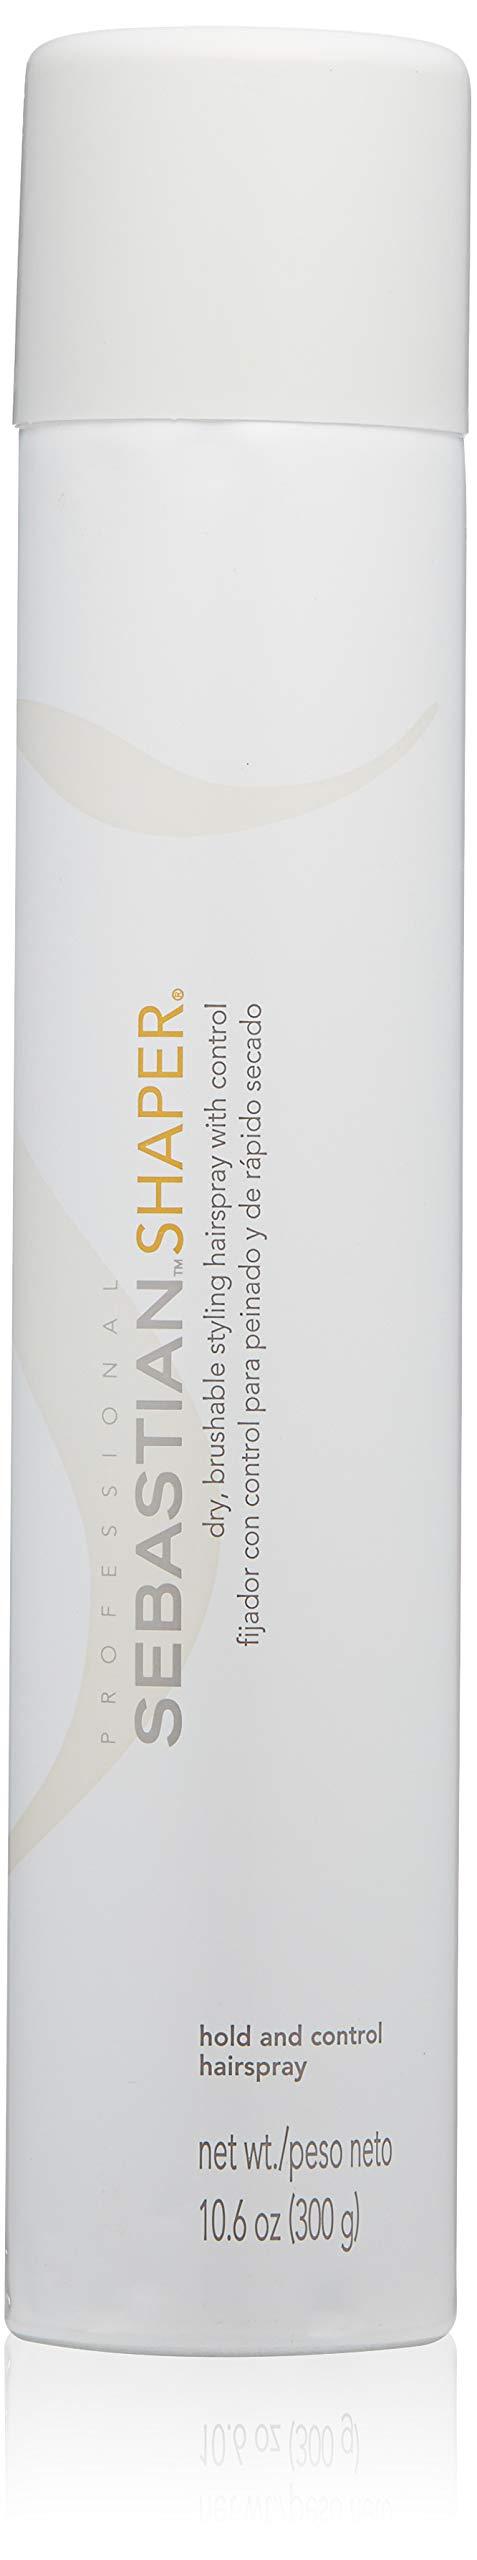 Sebastian Shaper Hairspray 10.6oz.